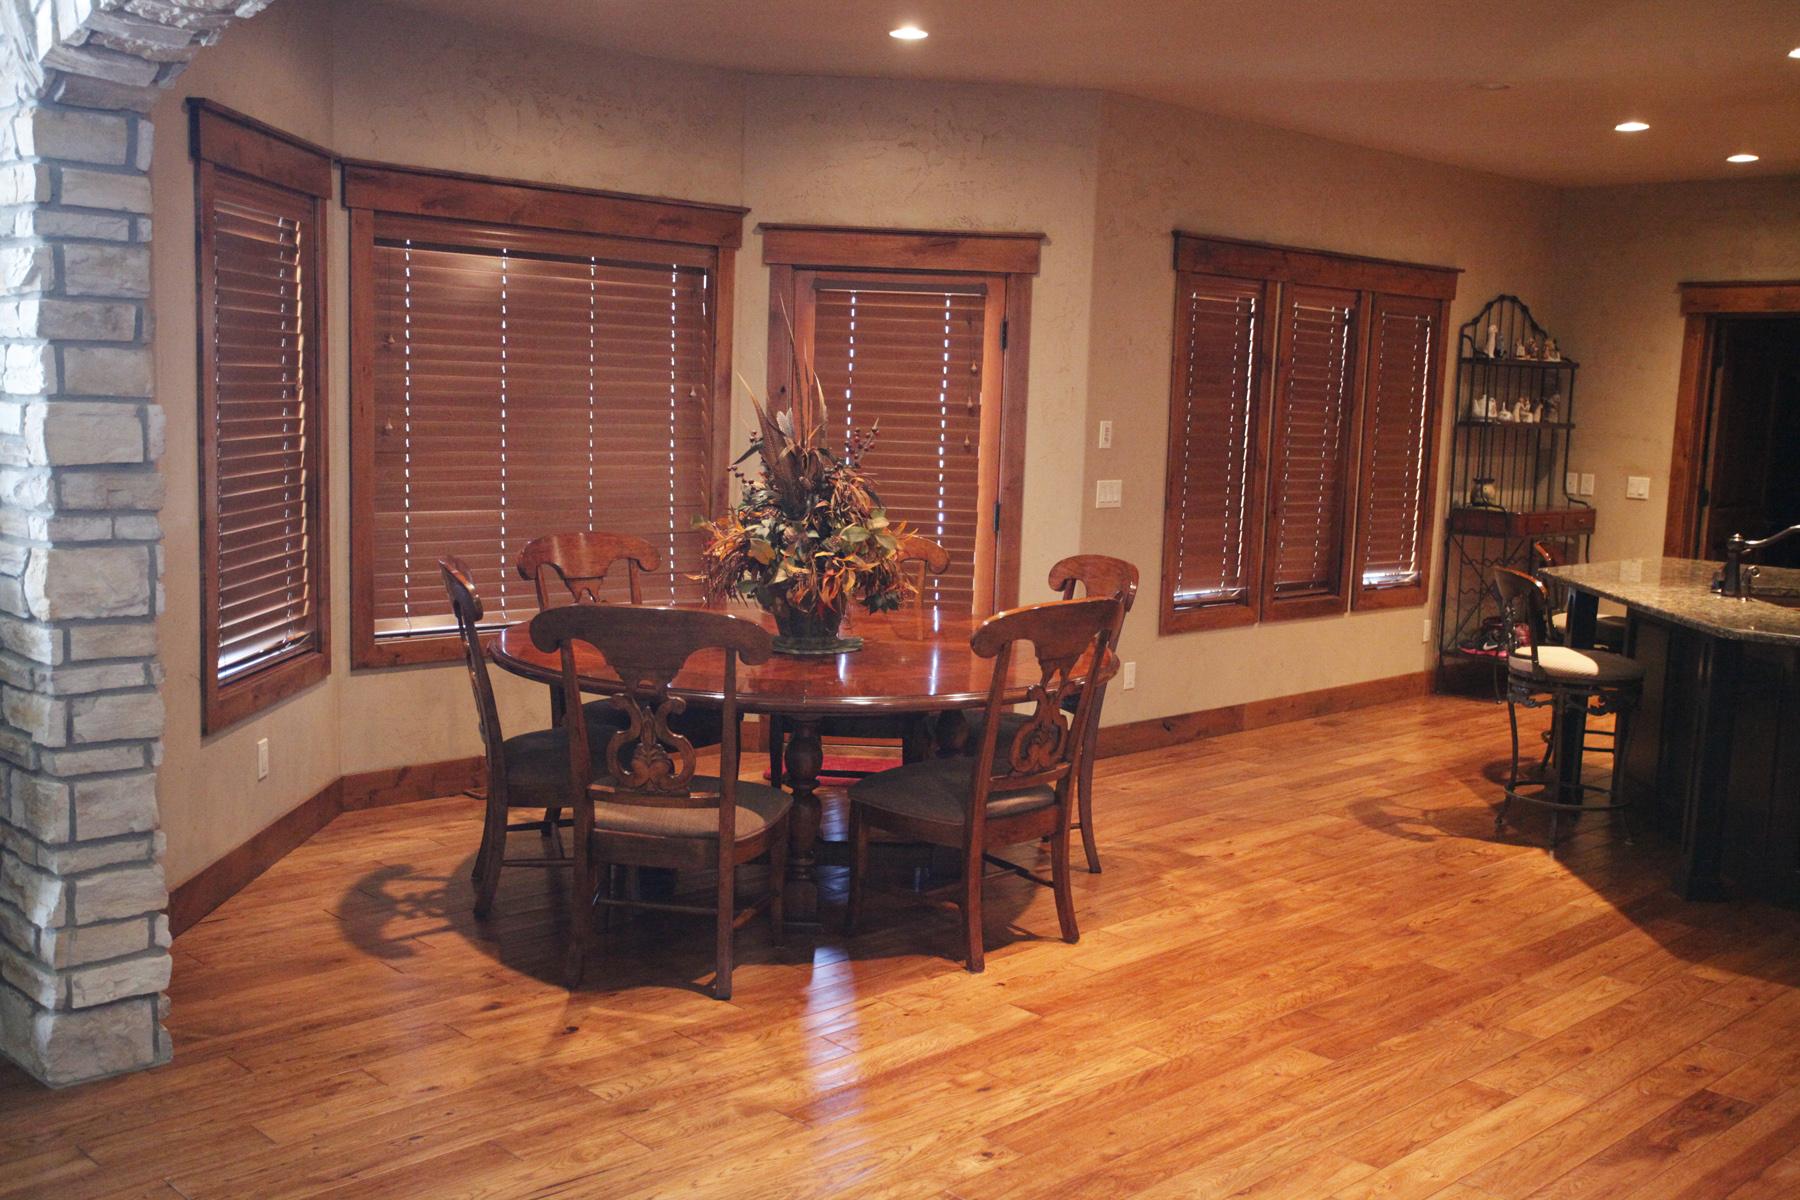 hardwood floor kitchens wood floor in kitchen Large kitchen hardwood floor